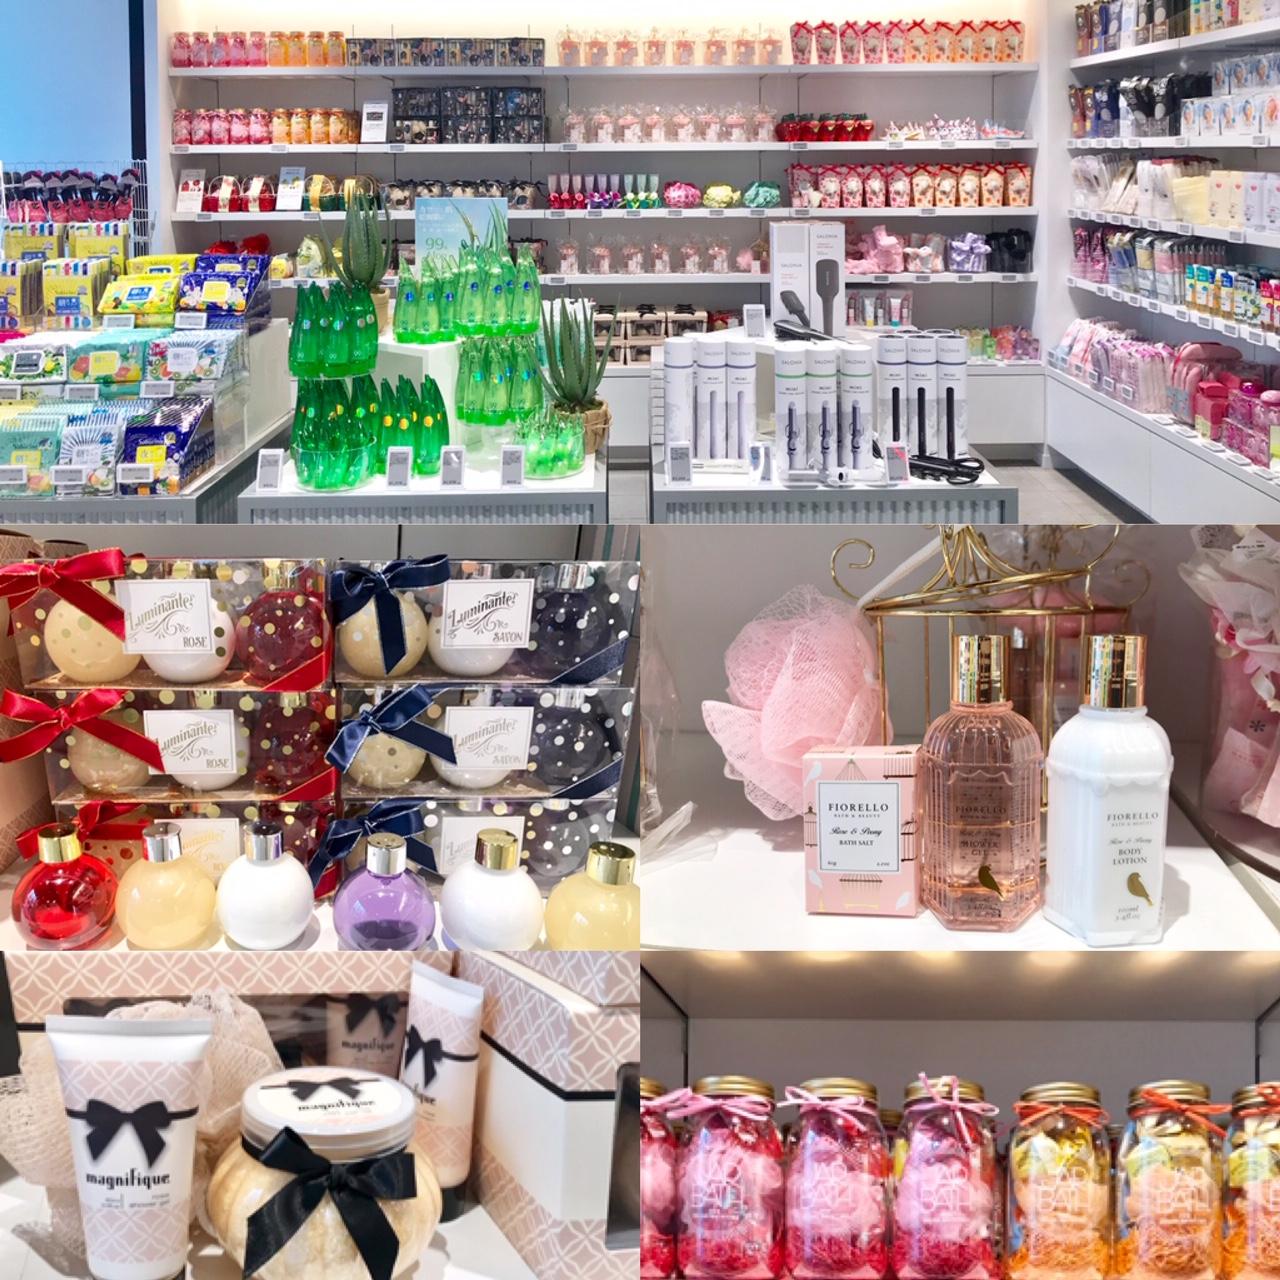 『フランフラン』新ブランドが東京・大阪にオープン! お土産、日用雑貨探しに『U.F.O. by Francfranc』へGO♡_12